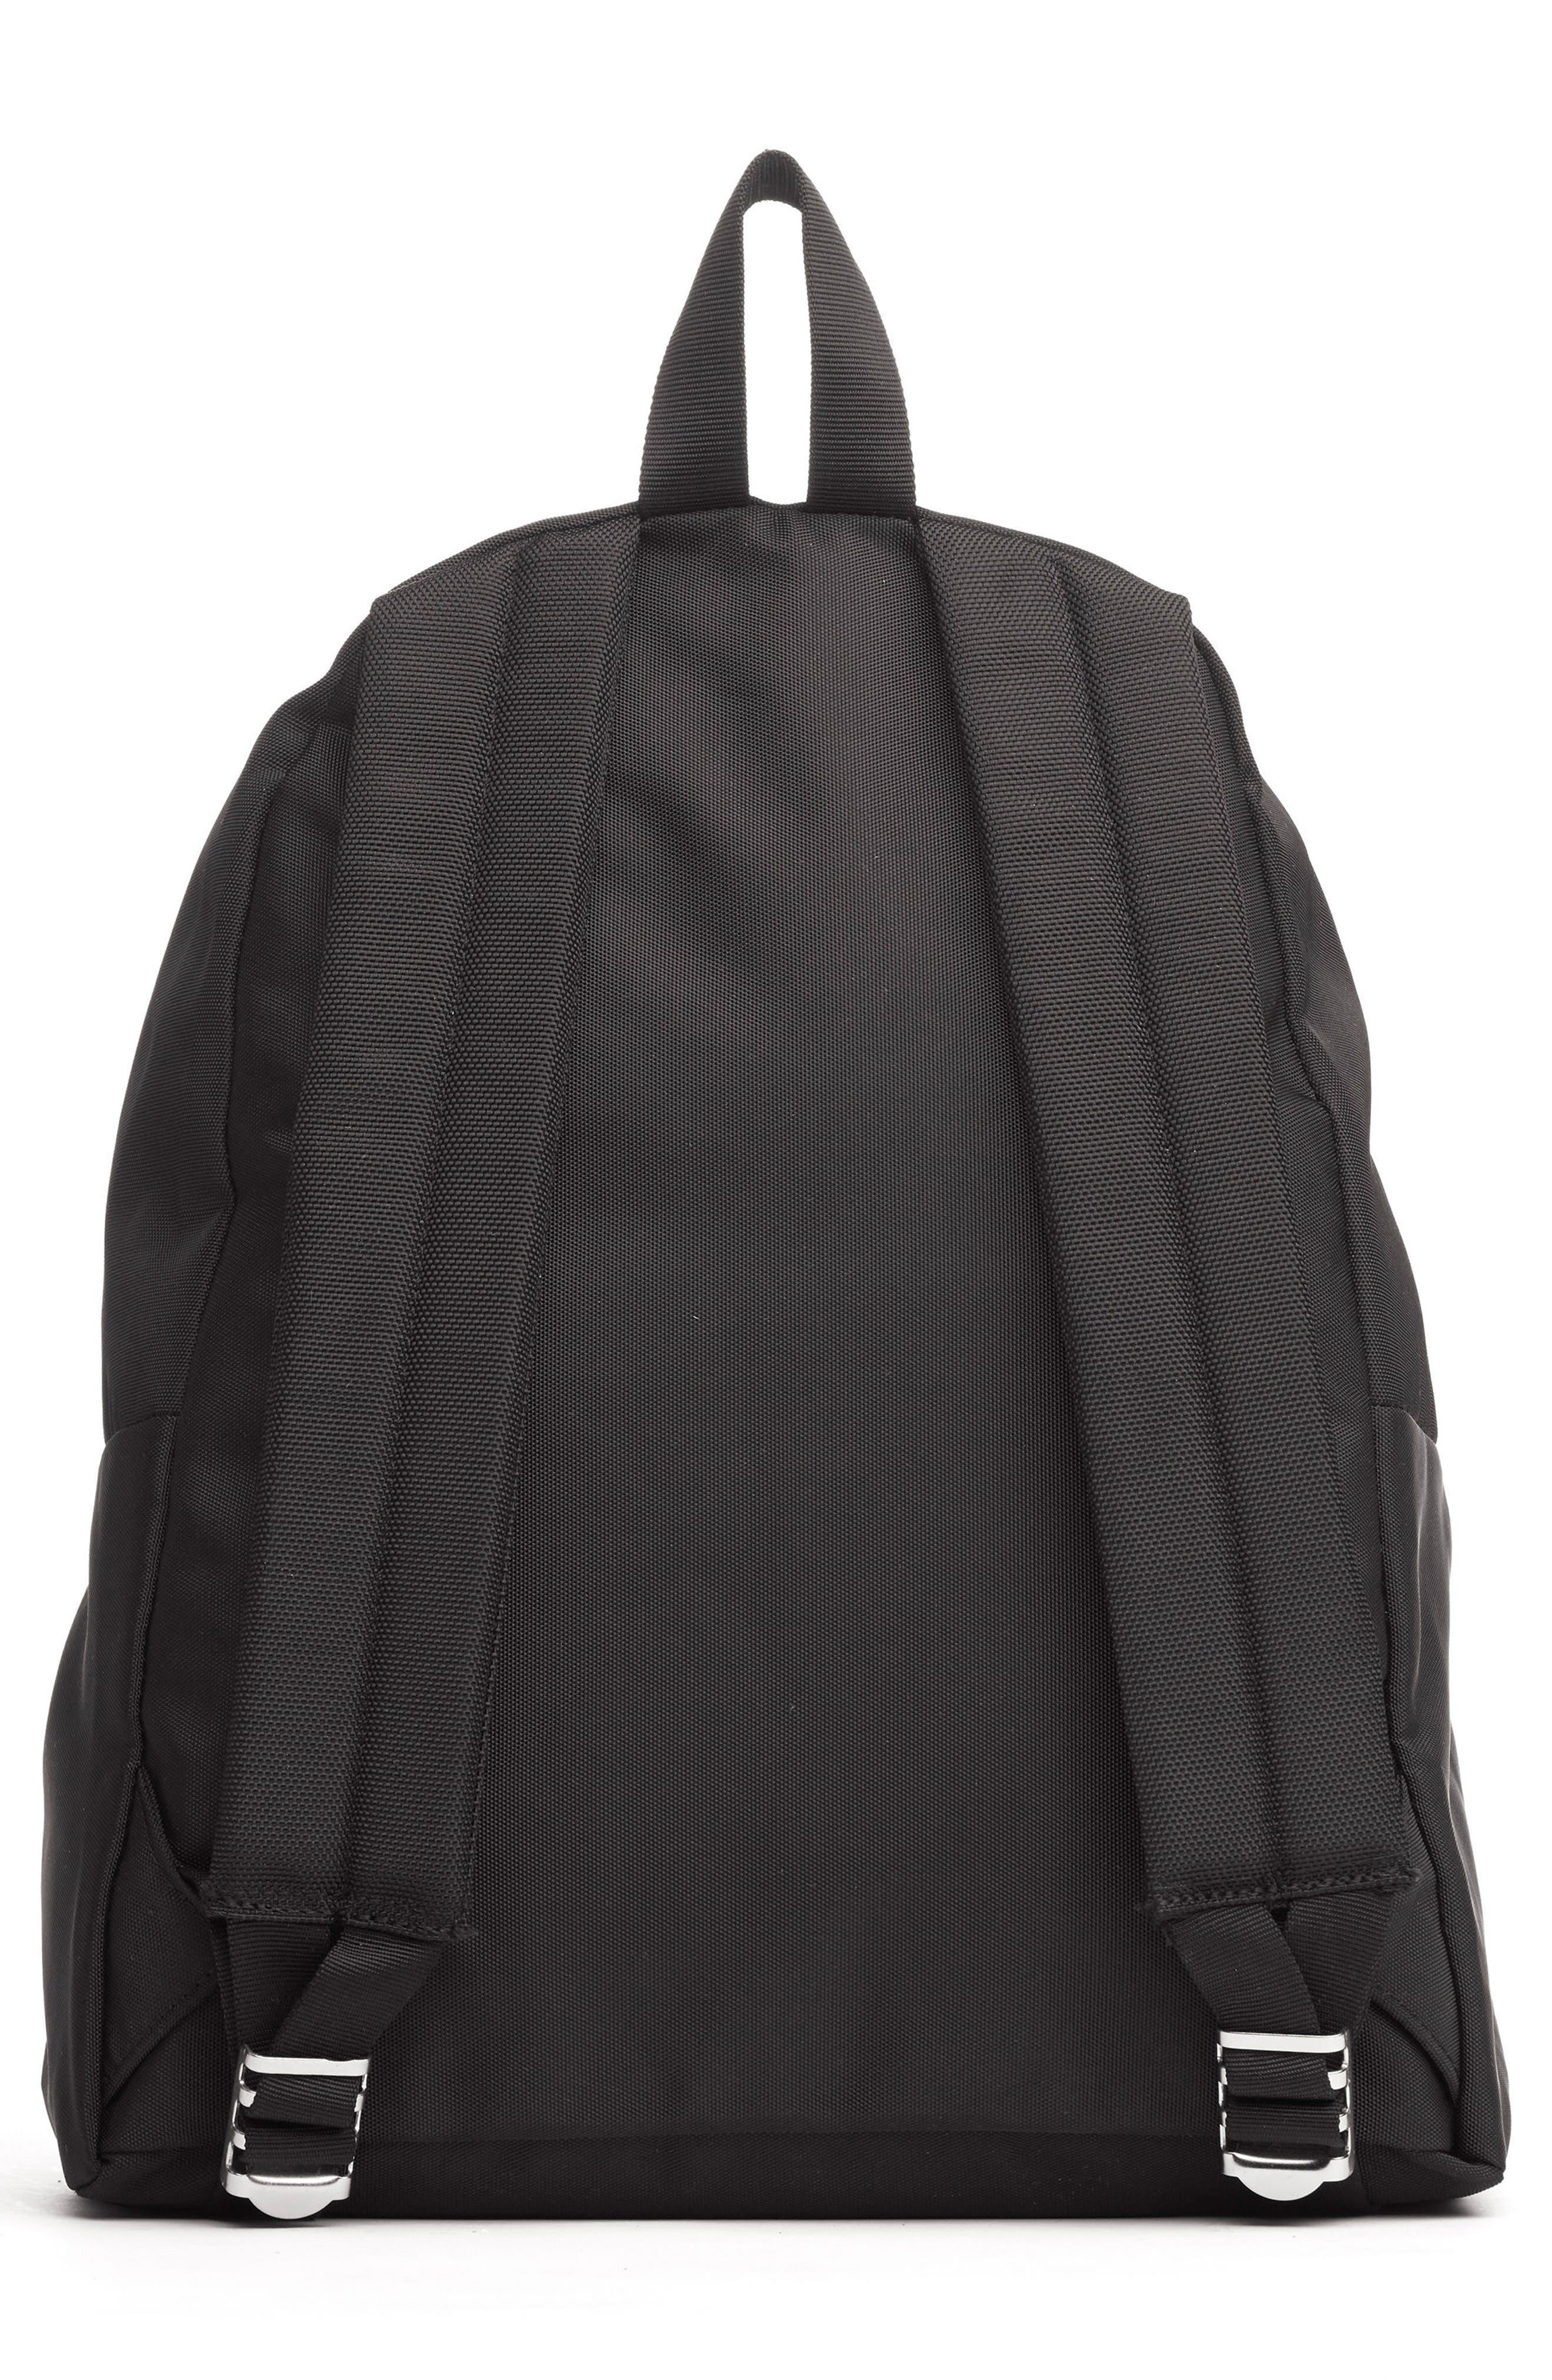 Hornet Backpack,                             Alternate thumbnail 2, color,                             MATTE BLACK